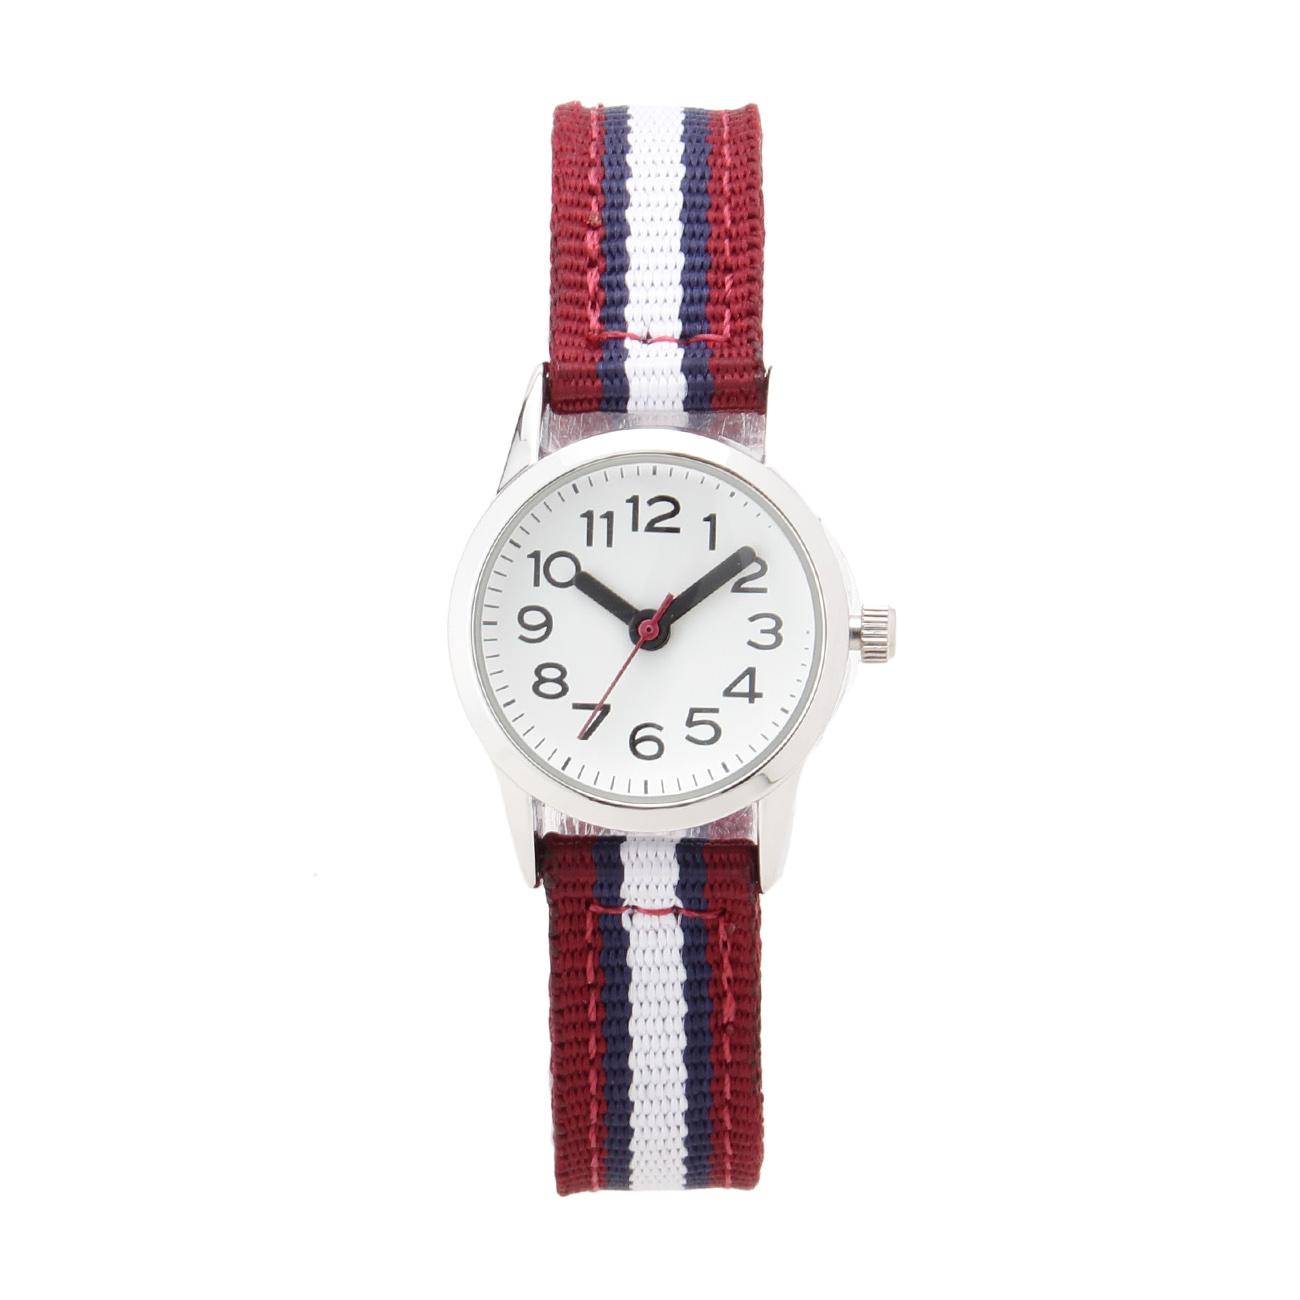 【THE EMPORIUM (ジエンポリアム)】ナイロンベルト腕時計レディース 雑貨 腕時計 ボルドー